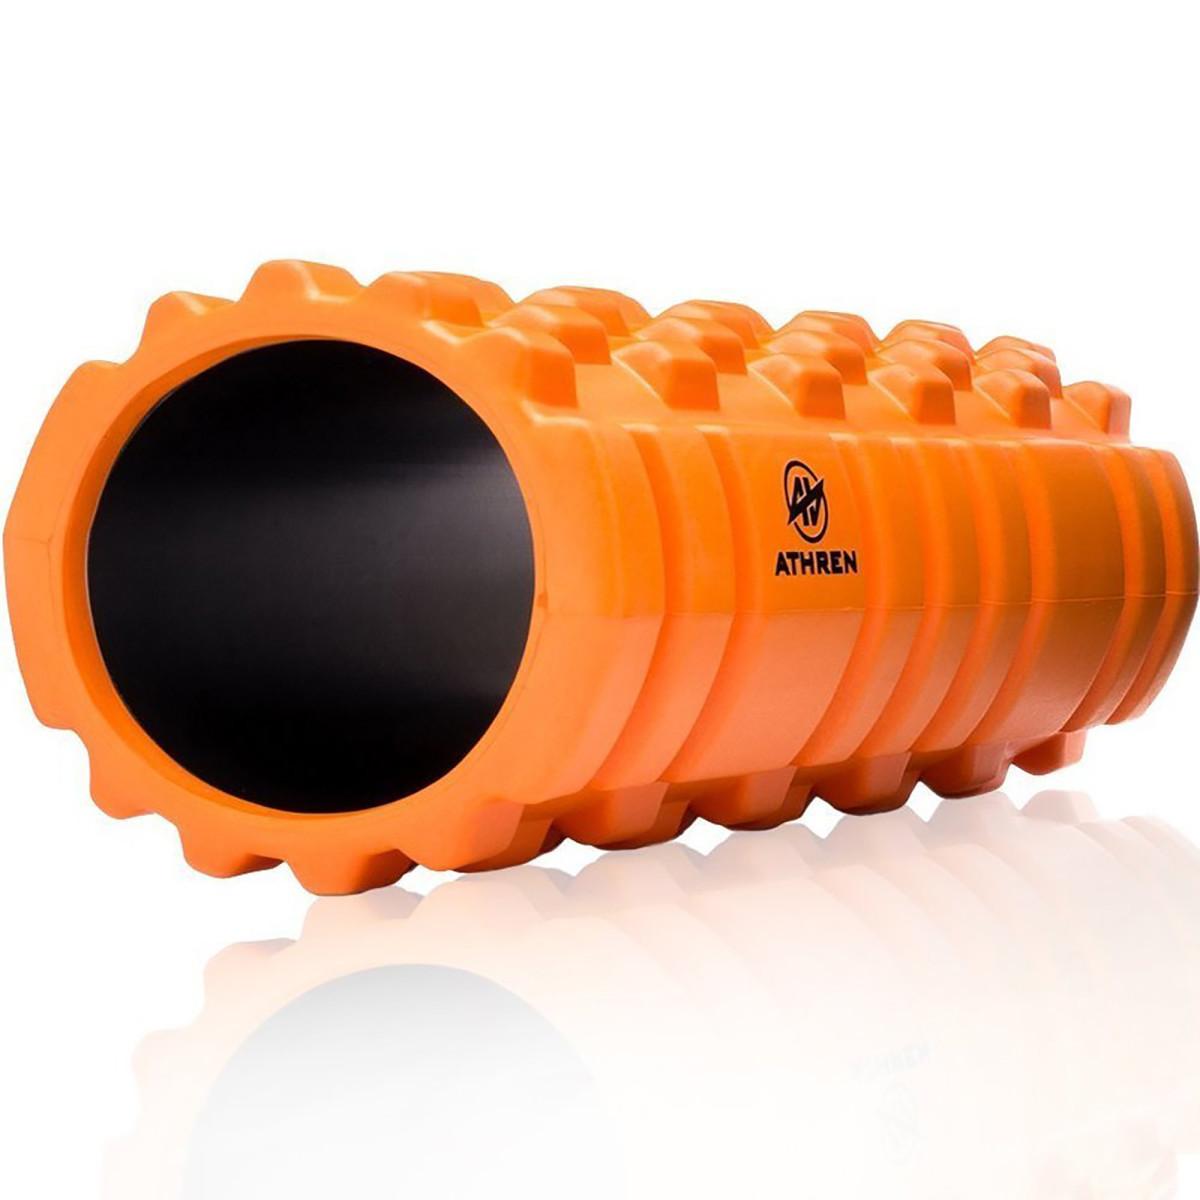 foam-roller-edge-workout-gear.jpg